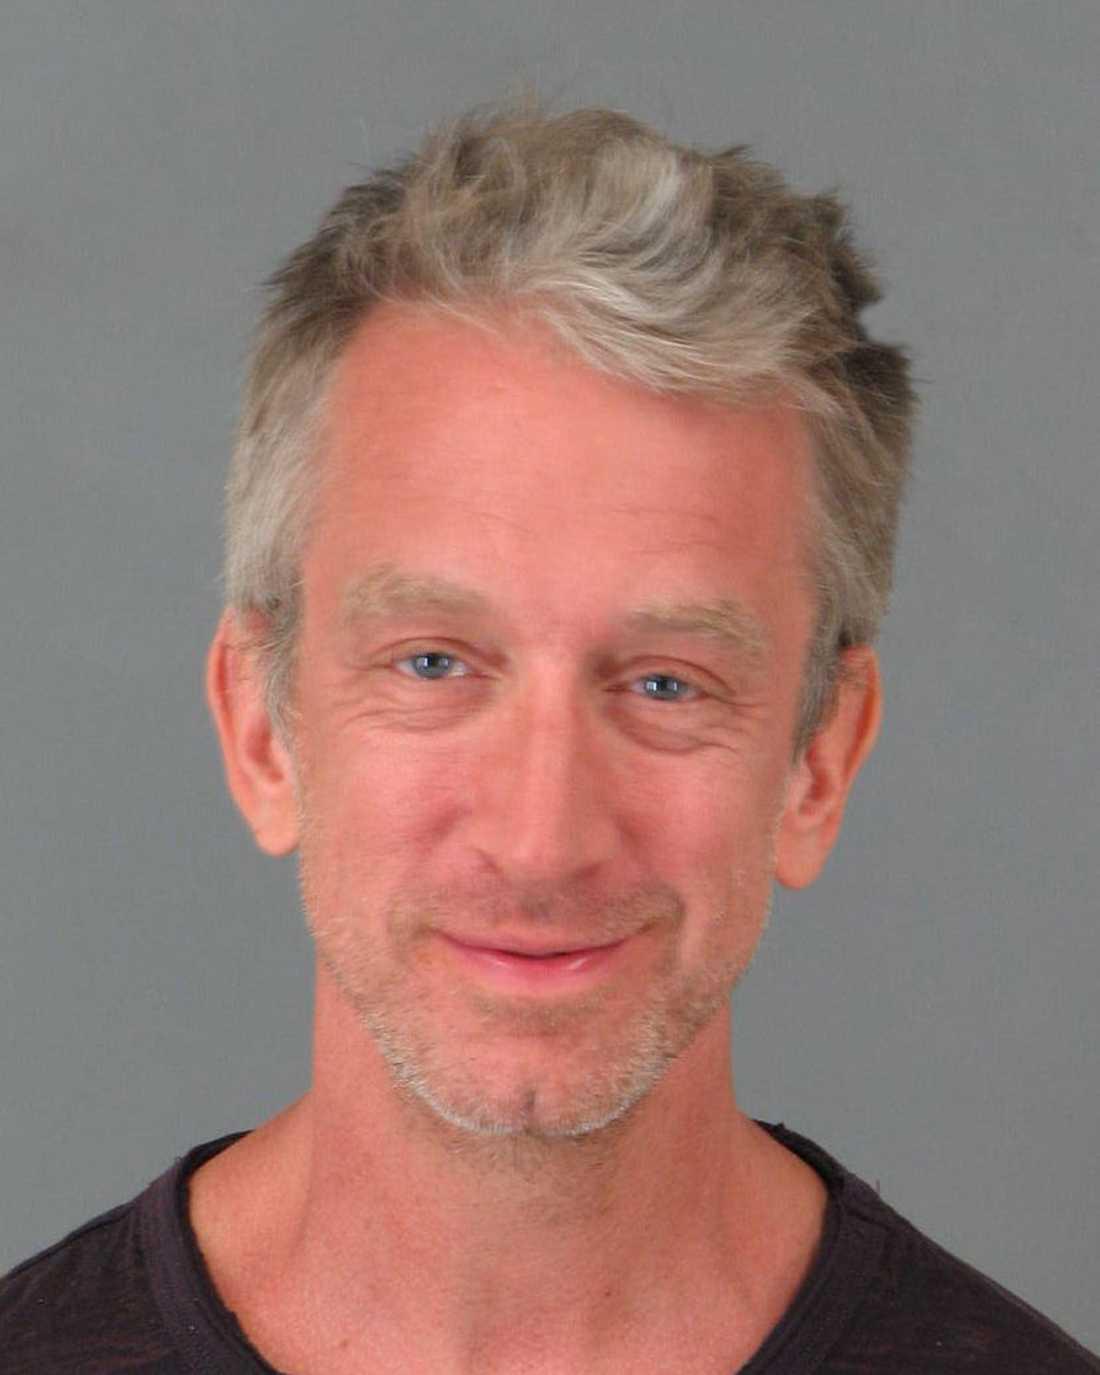 Andy Dick har gripits av polis otaliga gånger. Den 2 maj greps han för att ha varit påverkad och uppträtt störande.